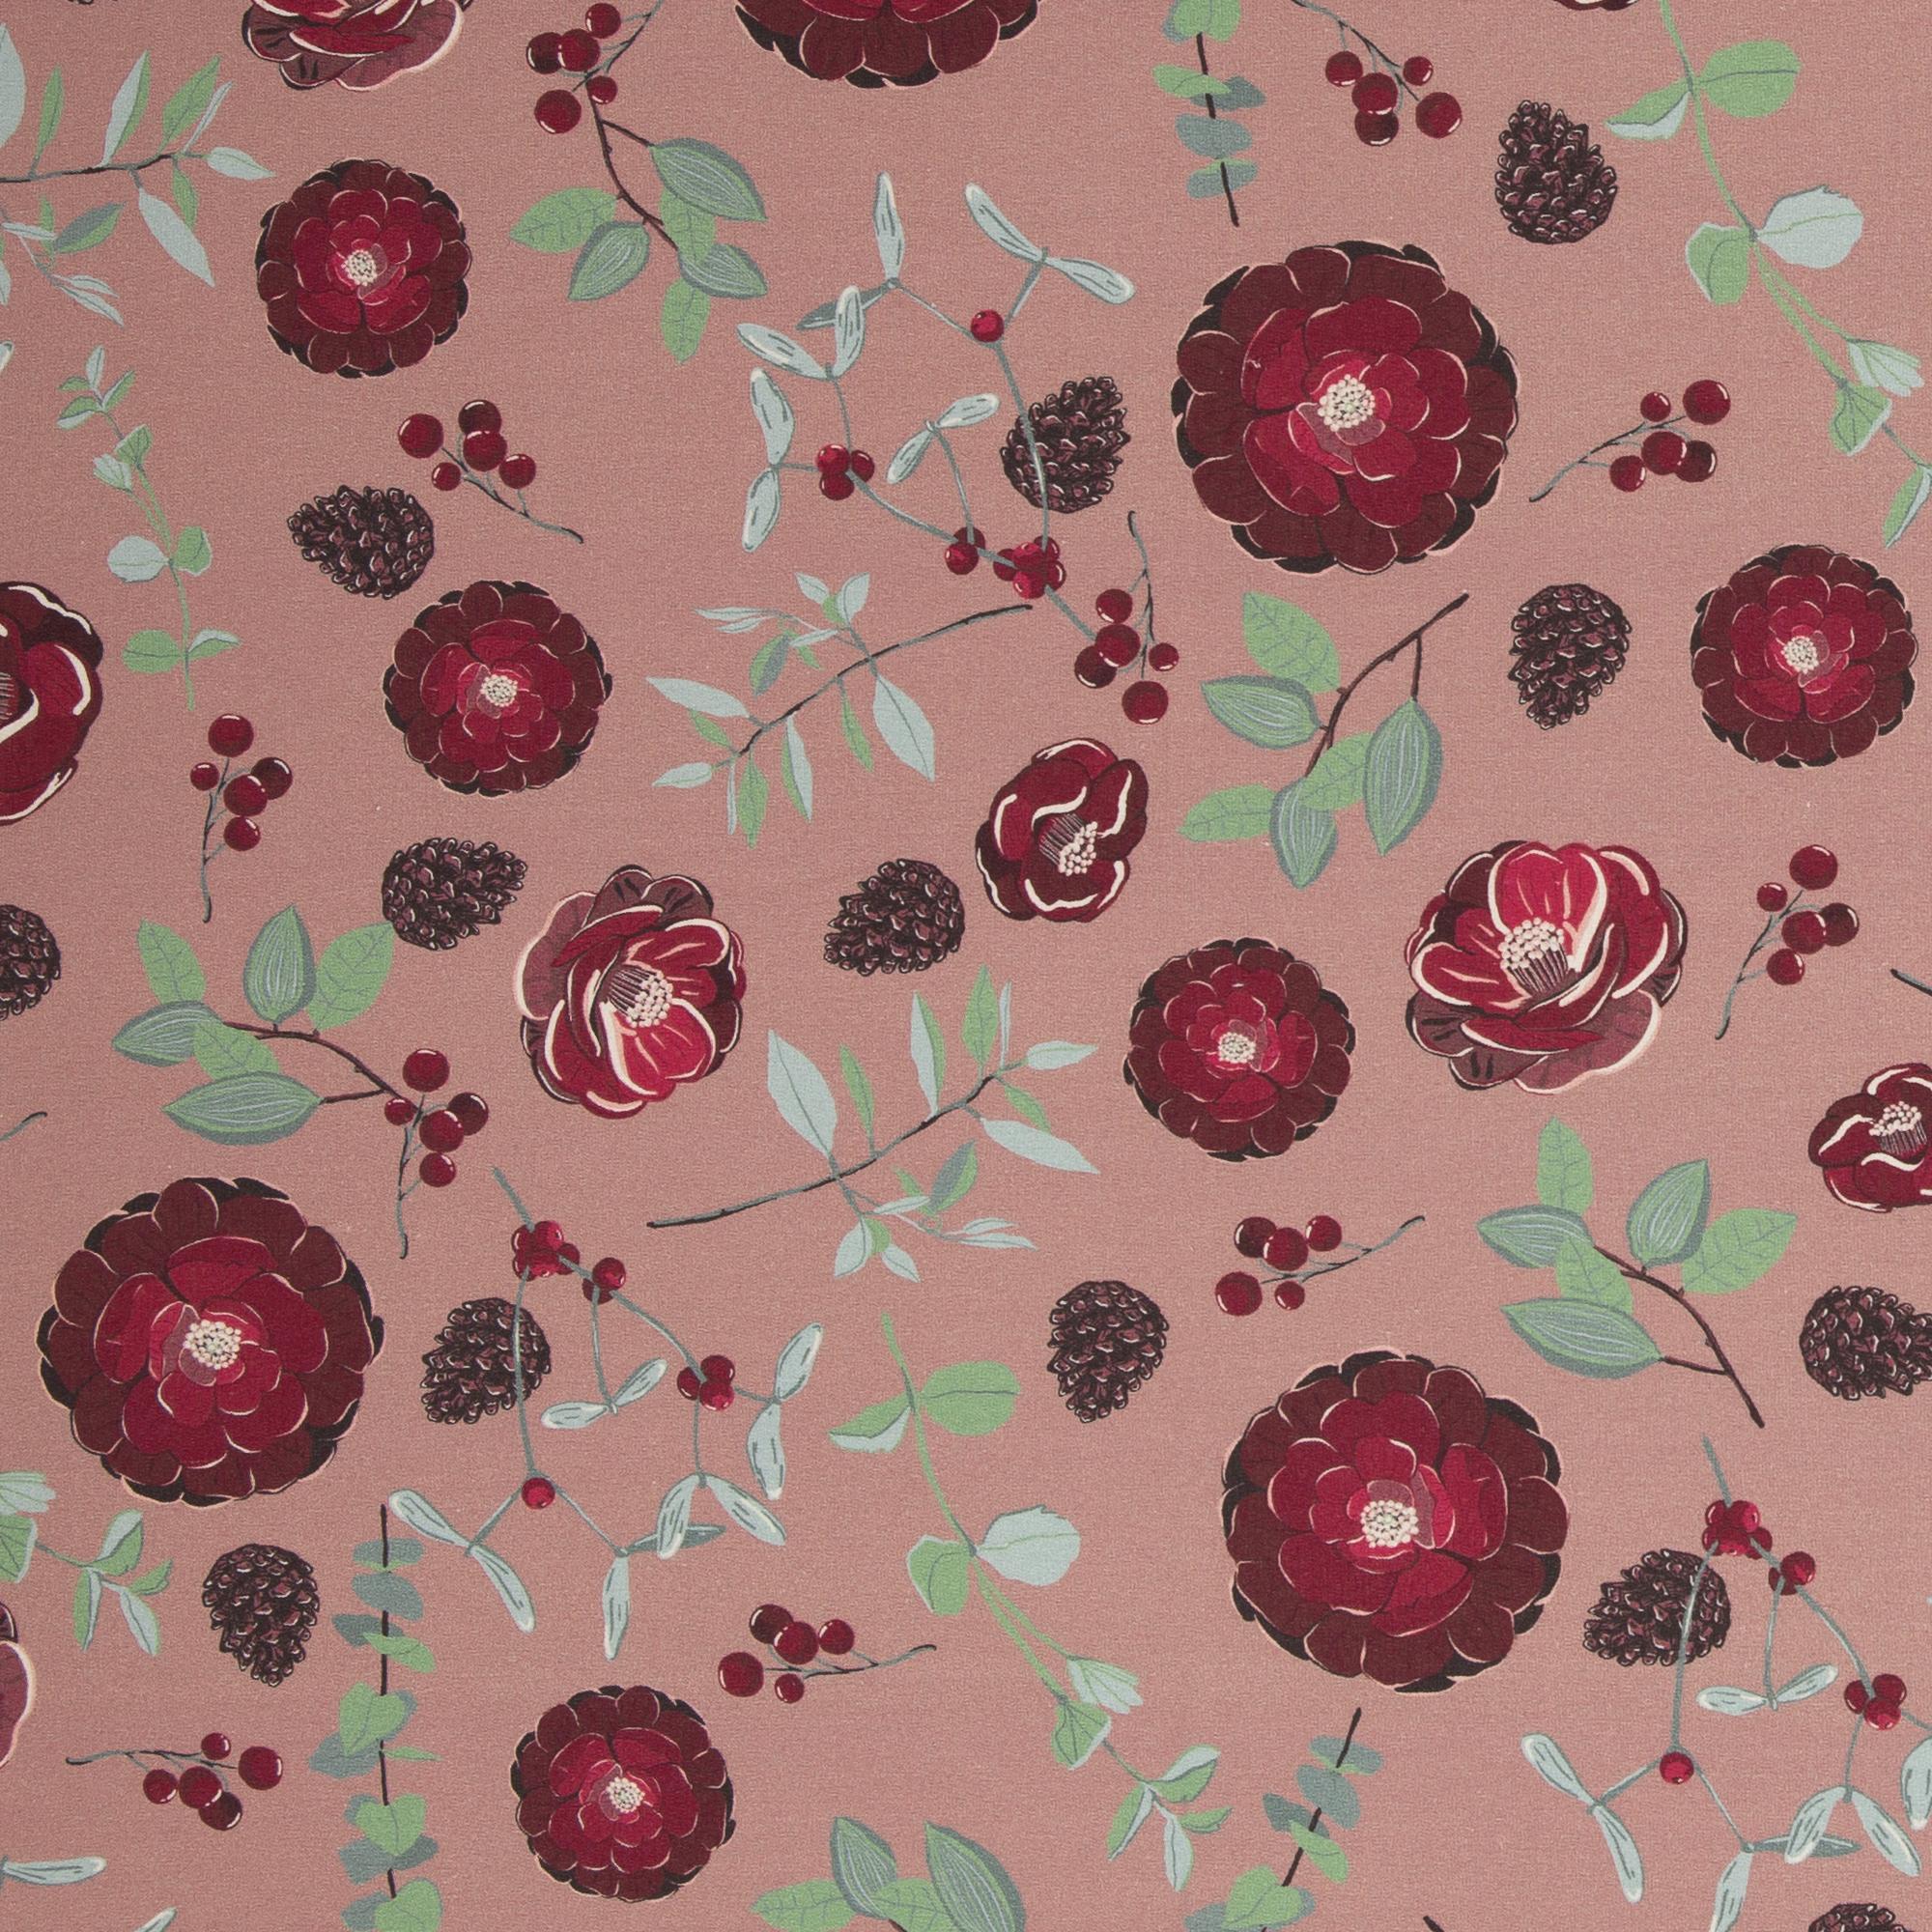 French Terry - Sommersweat - Swafing - Yva by Bienvenido Colorido - Blumen und Beeren auf Altrosa